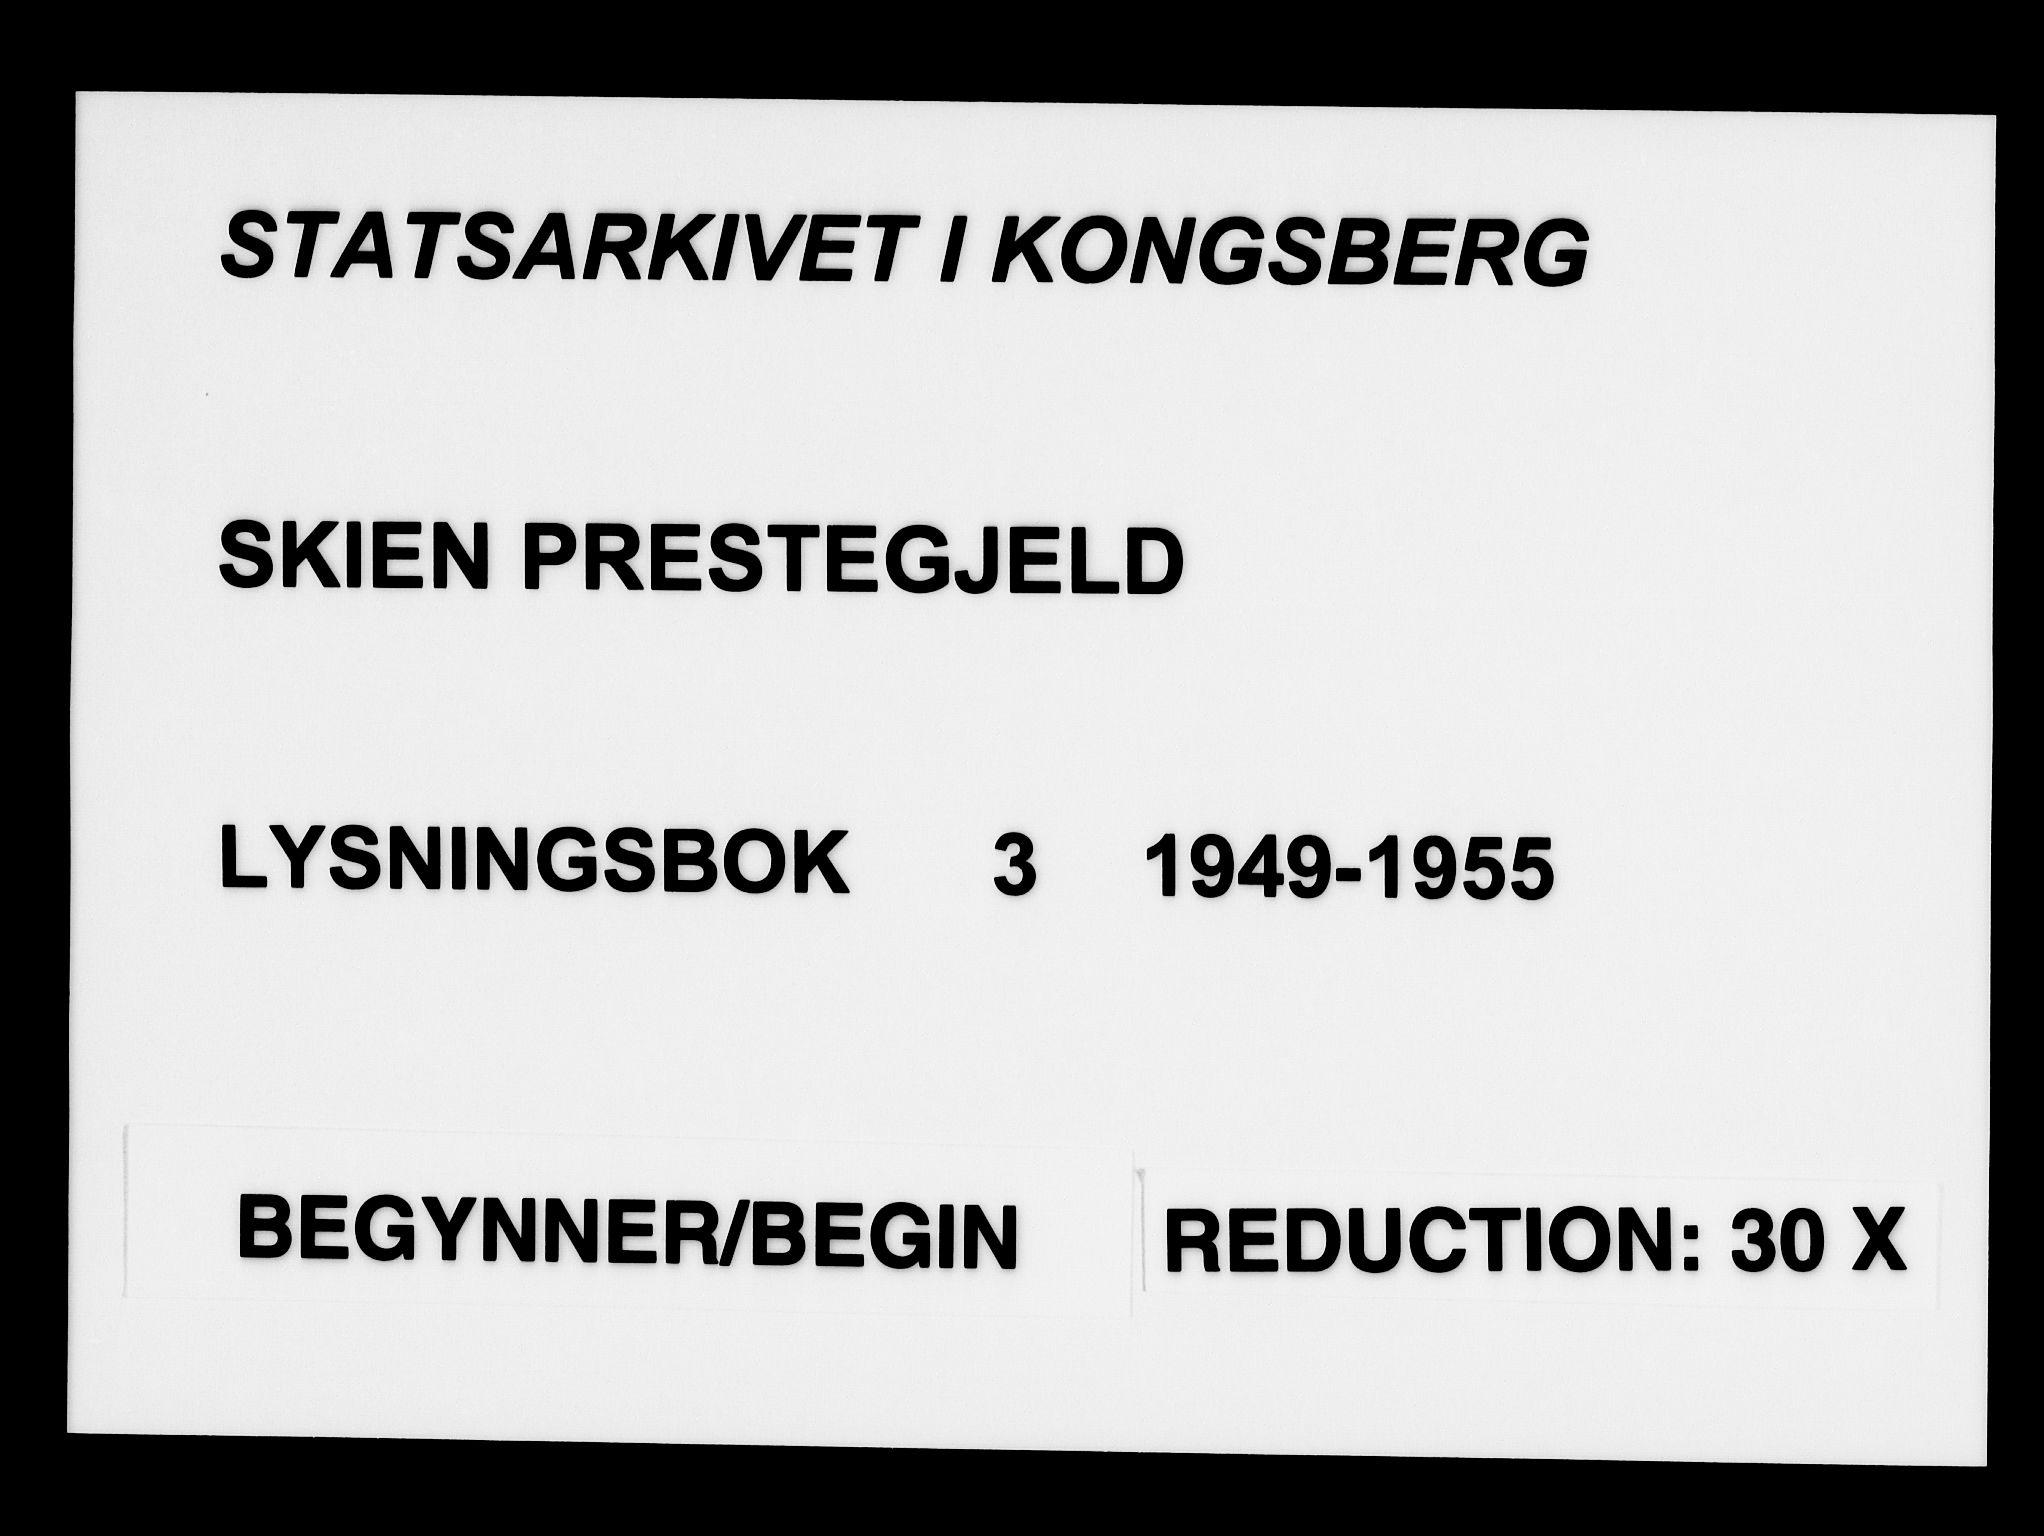 SAKO, Skien kirkebøker, H/Ha/L0003: Lysningsprotokoll nr. 3, 1949-1955